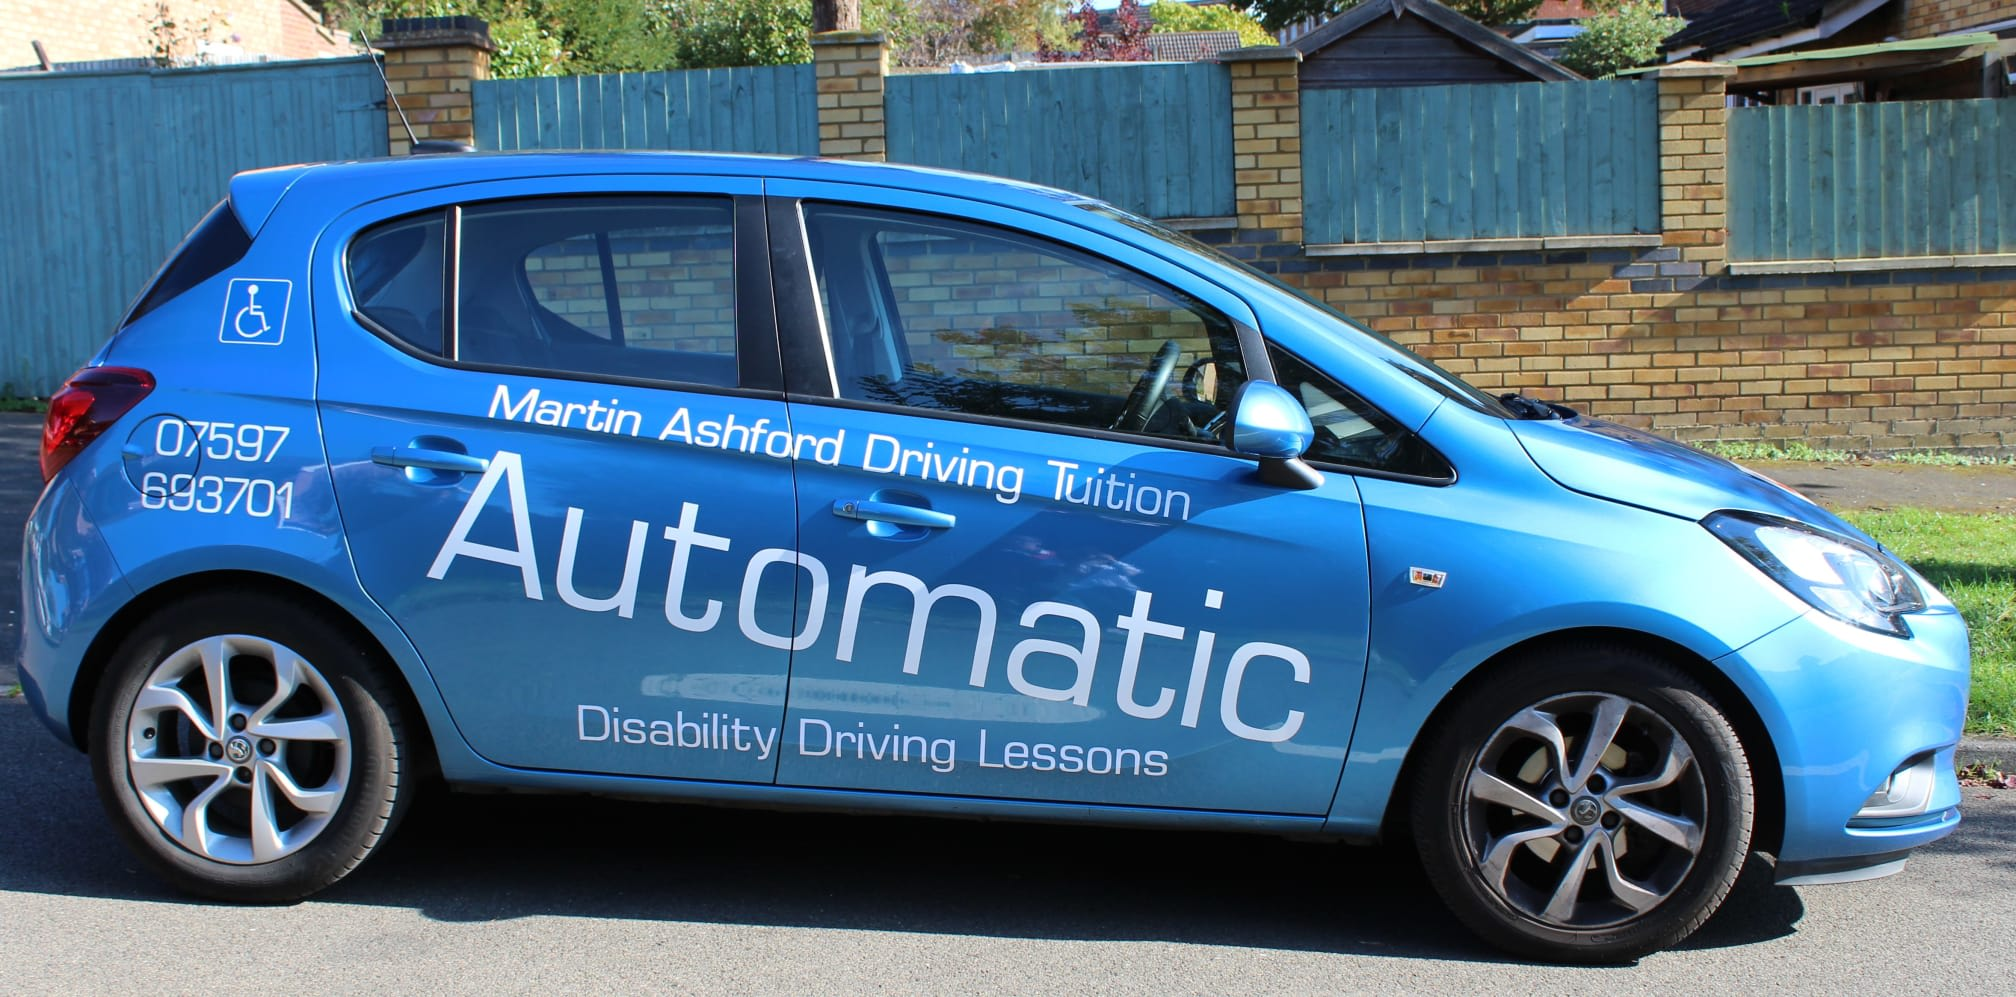 Martin Ashford Driving Tuition | 17 St. Lukes Close, Kettering NN15 5HD | +44 7597 693701